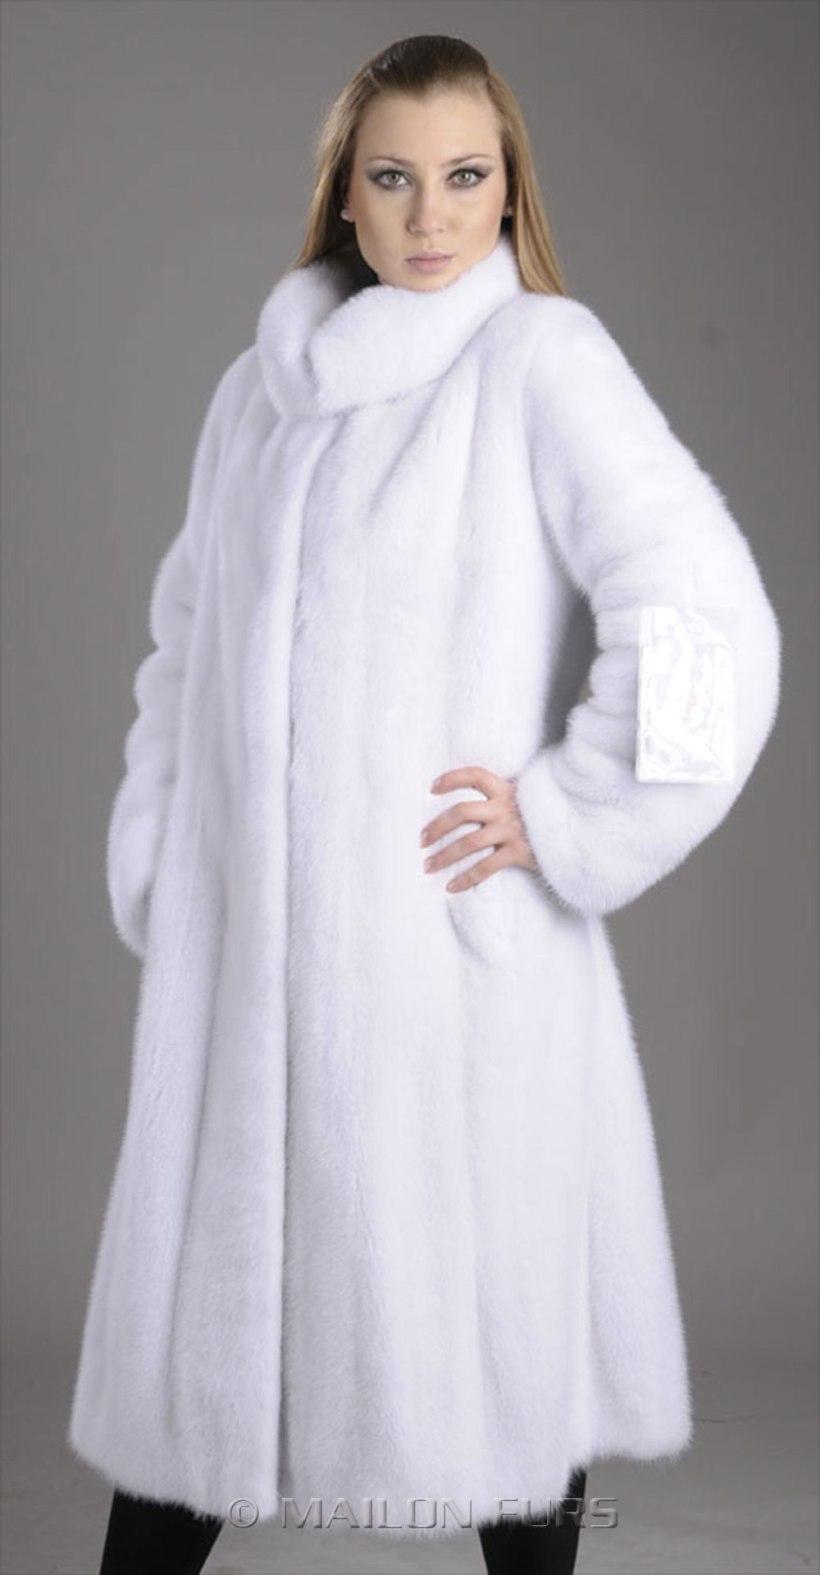 Grab a (fake) fur coat